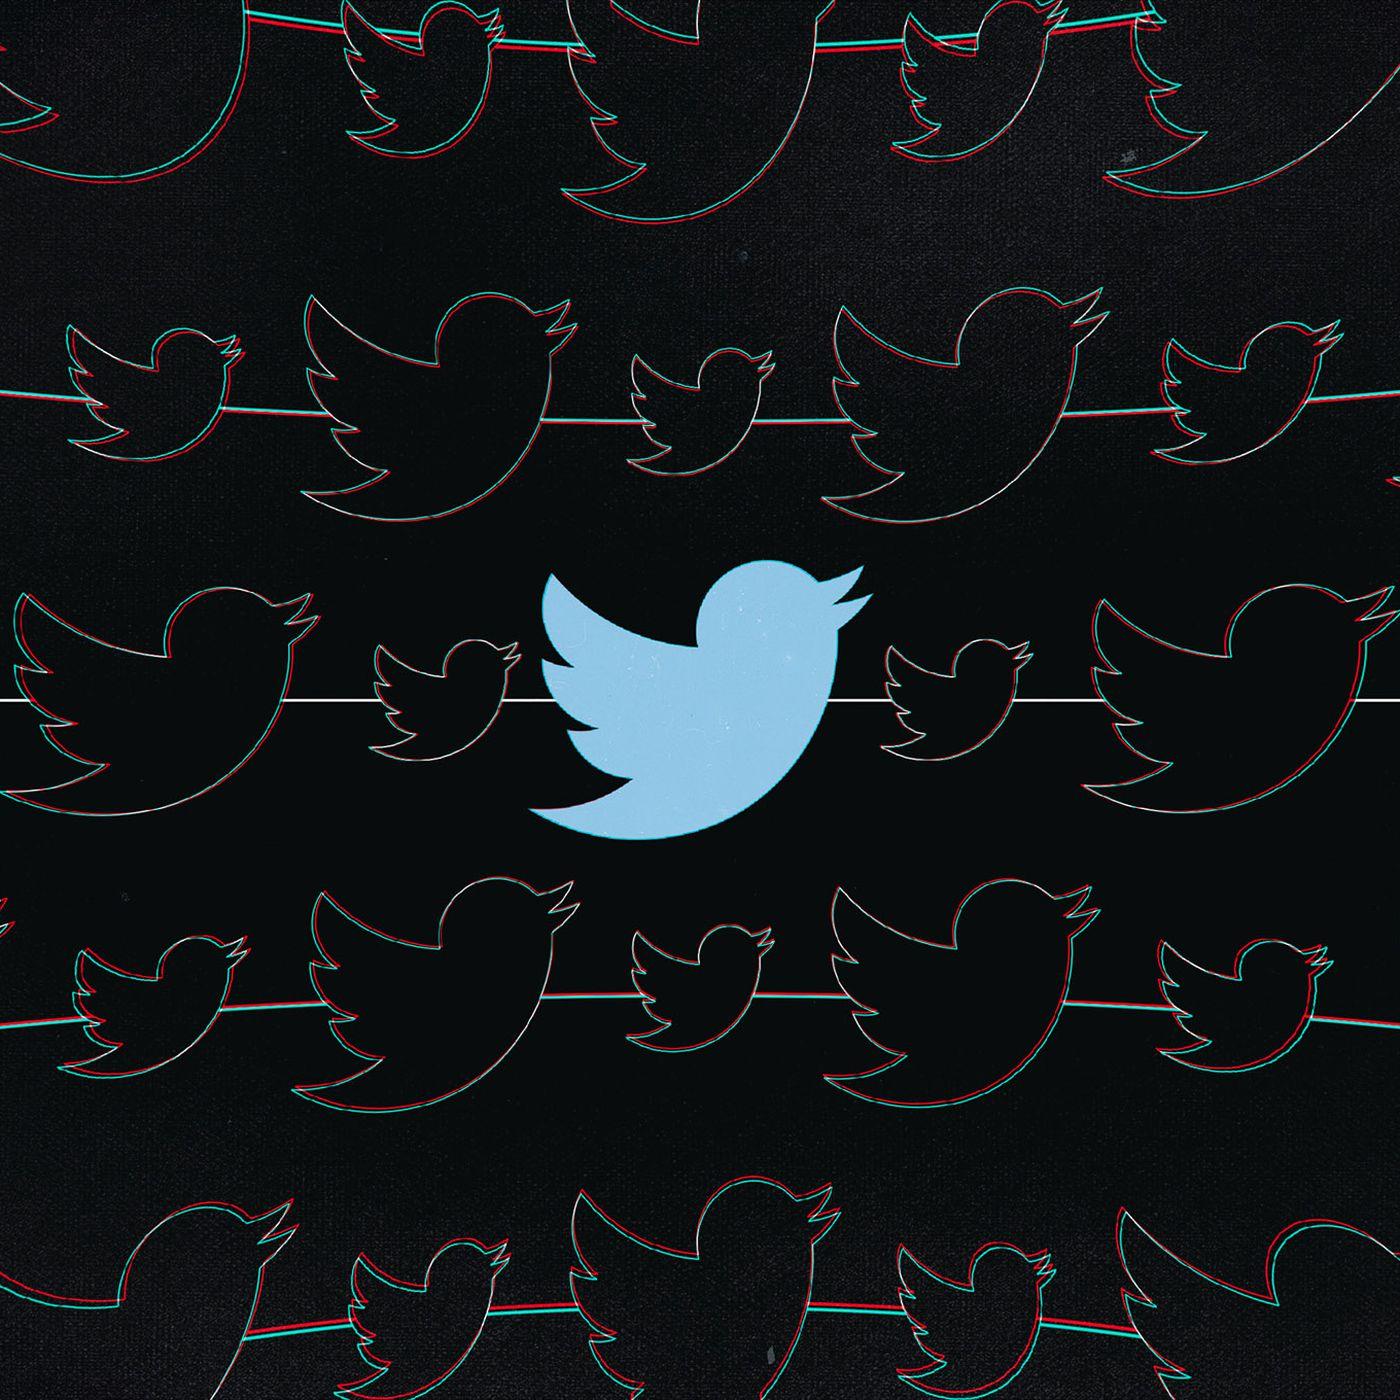 Ora potete accedere a Twitter tramite il vostro account Google o Apple (foto)